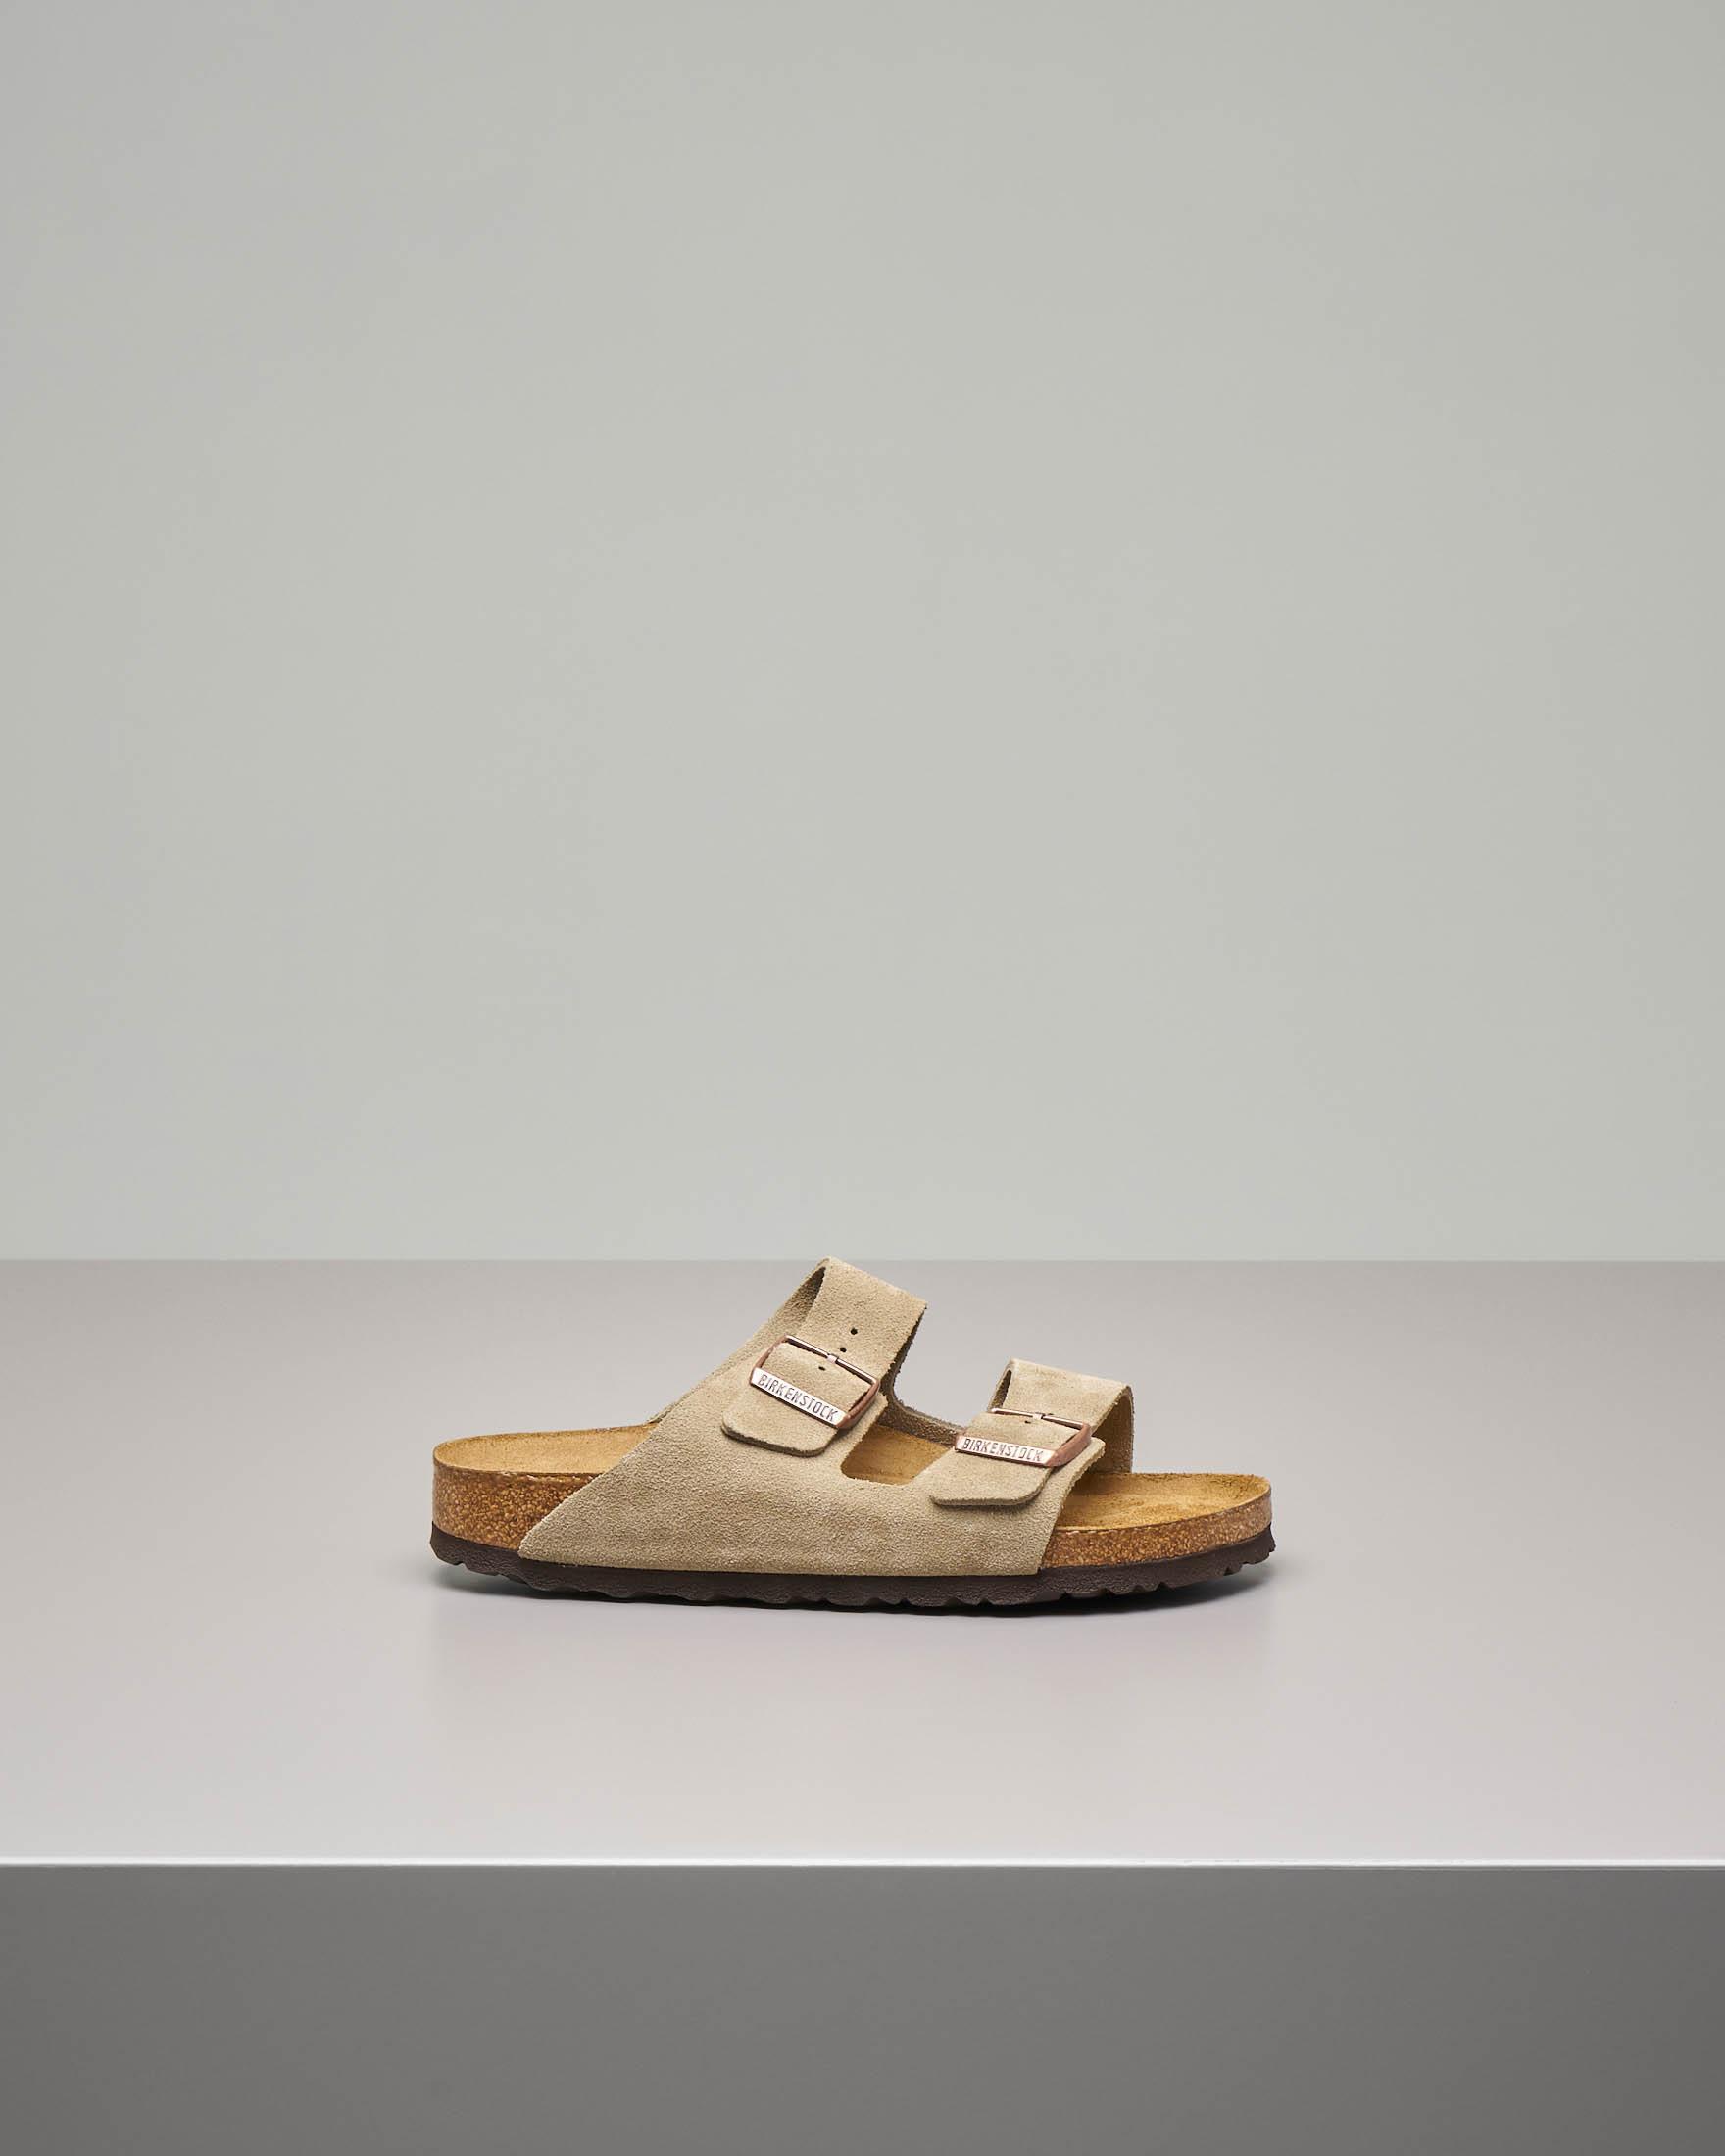 Sandalo Arizona soft in pelle scamosciata color beige con doppia fascetta